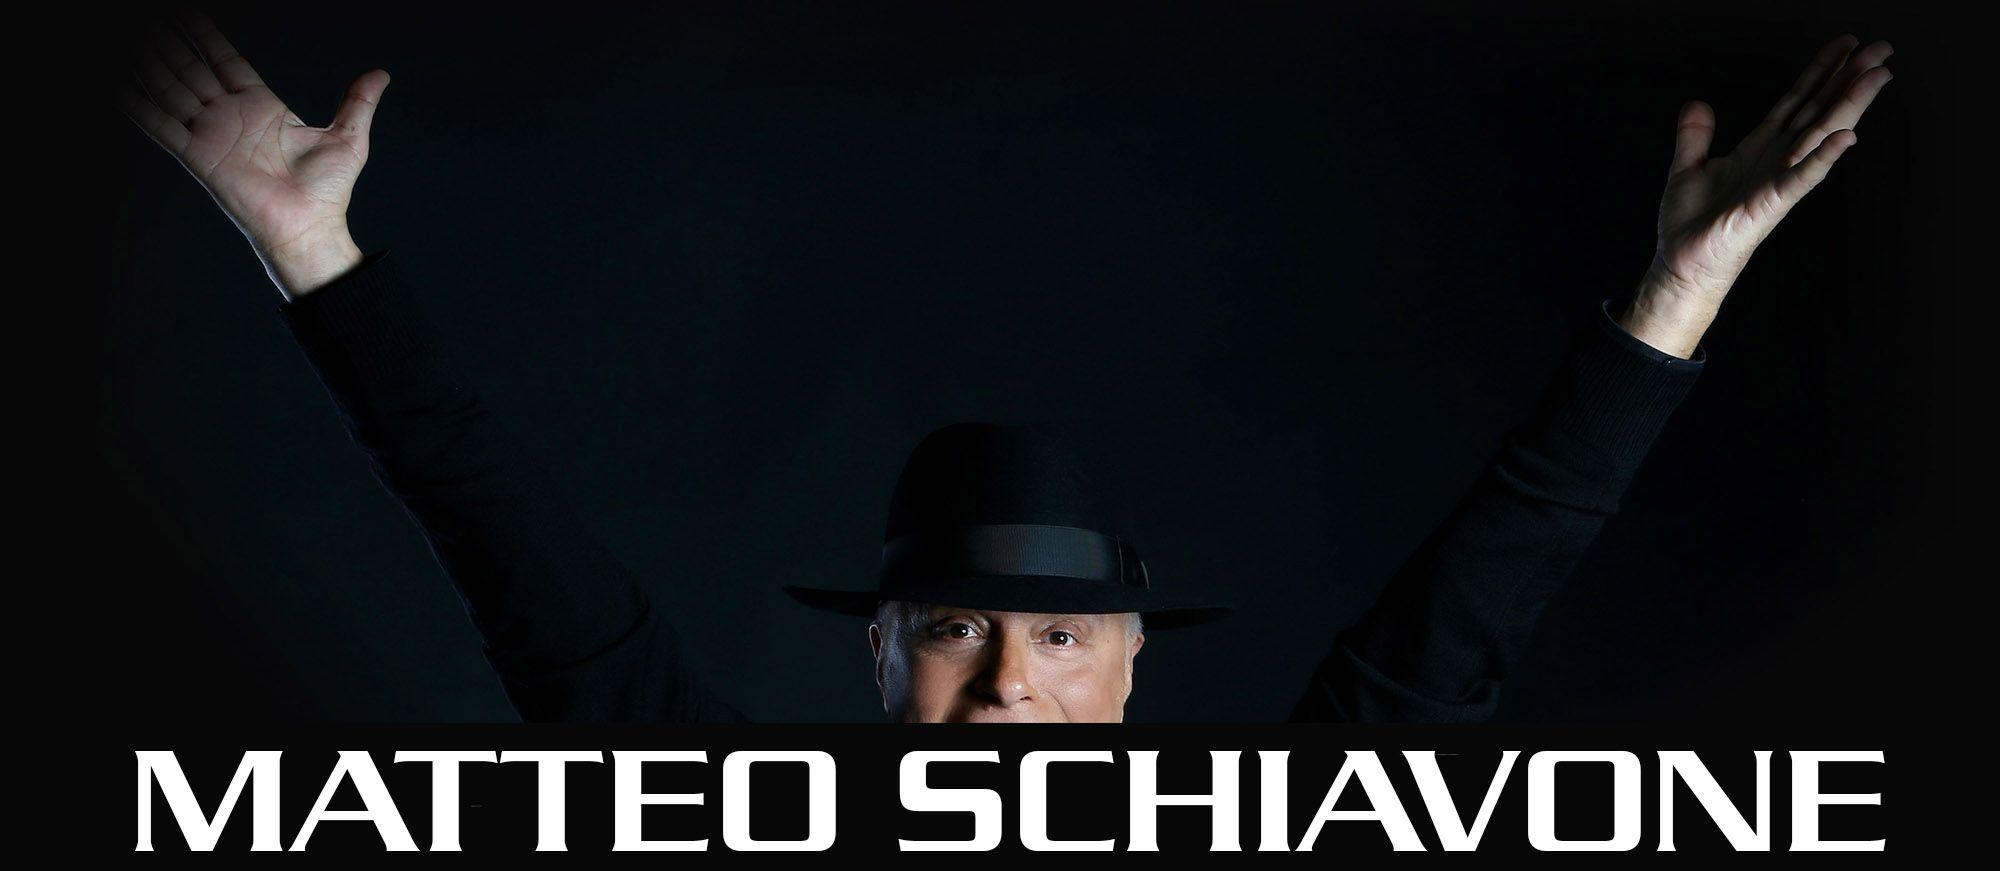 Matteo schiavone cantante lirico salernitano, sito web ufficiale immagine profilo